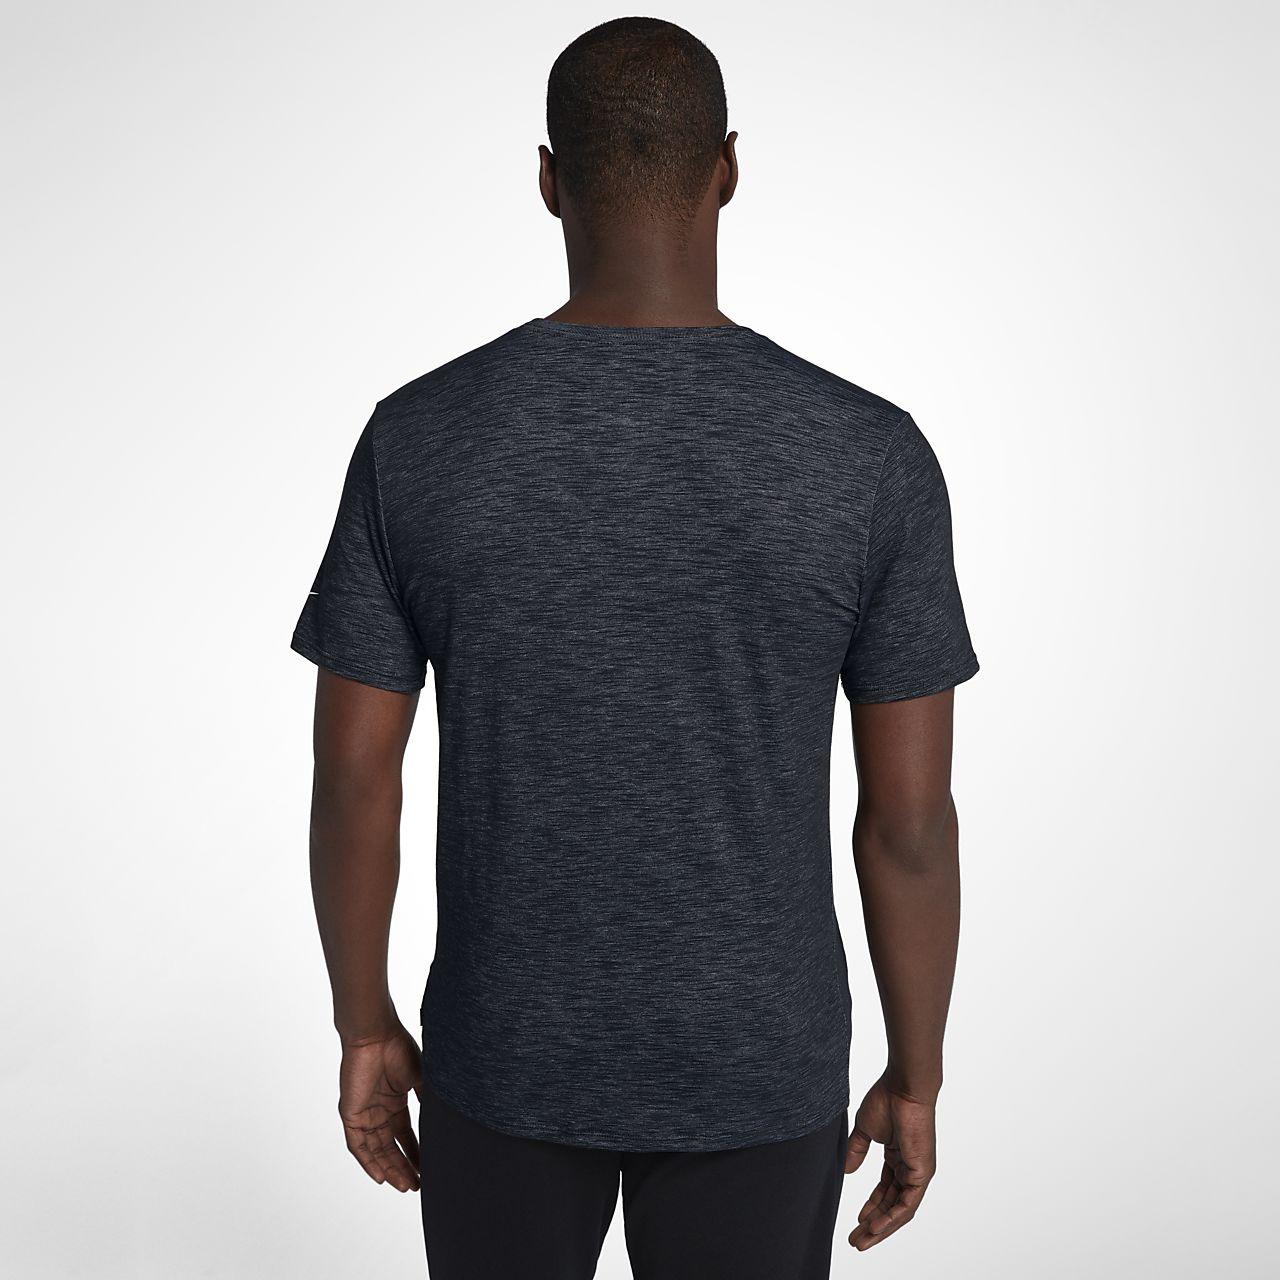 ... Nike Dri-FIT (Dubai) Men's Training T-Shirt